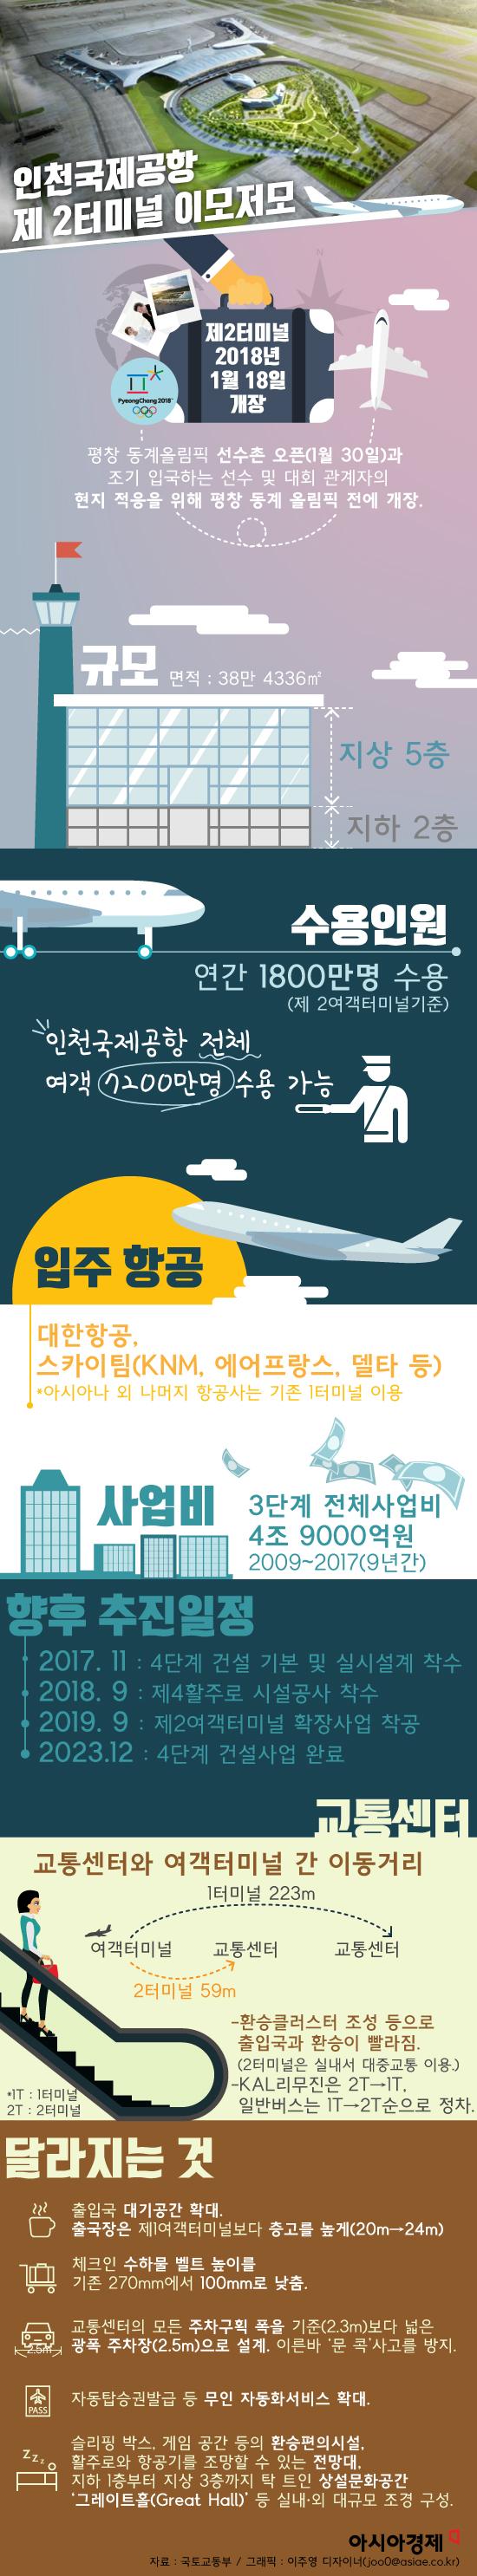 [그래픽] 인천국제공항 제2여객터미널